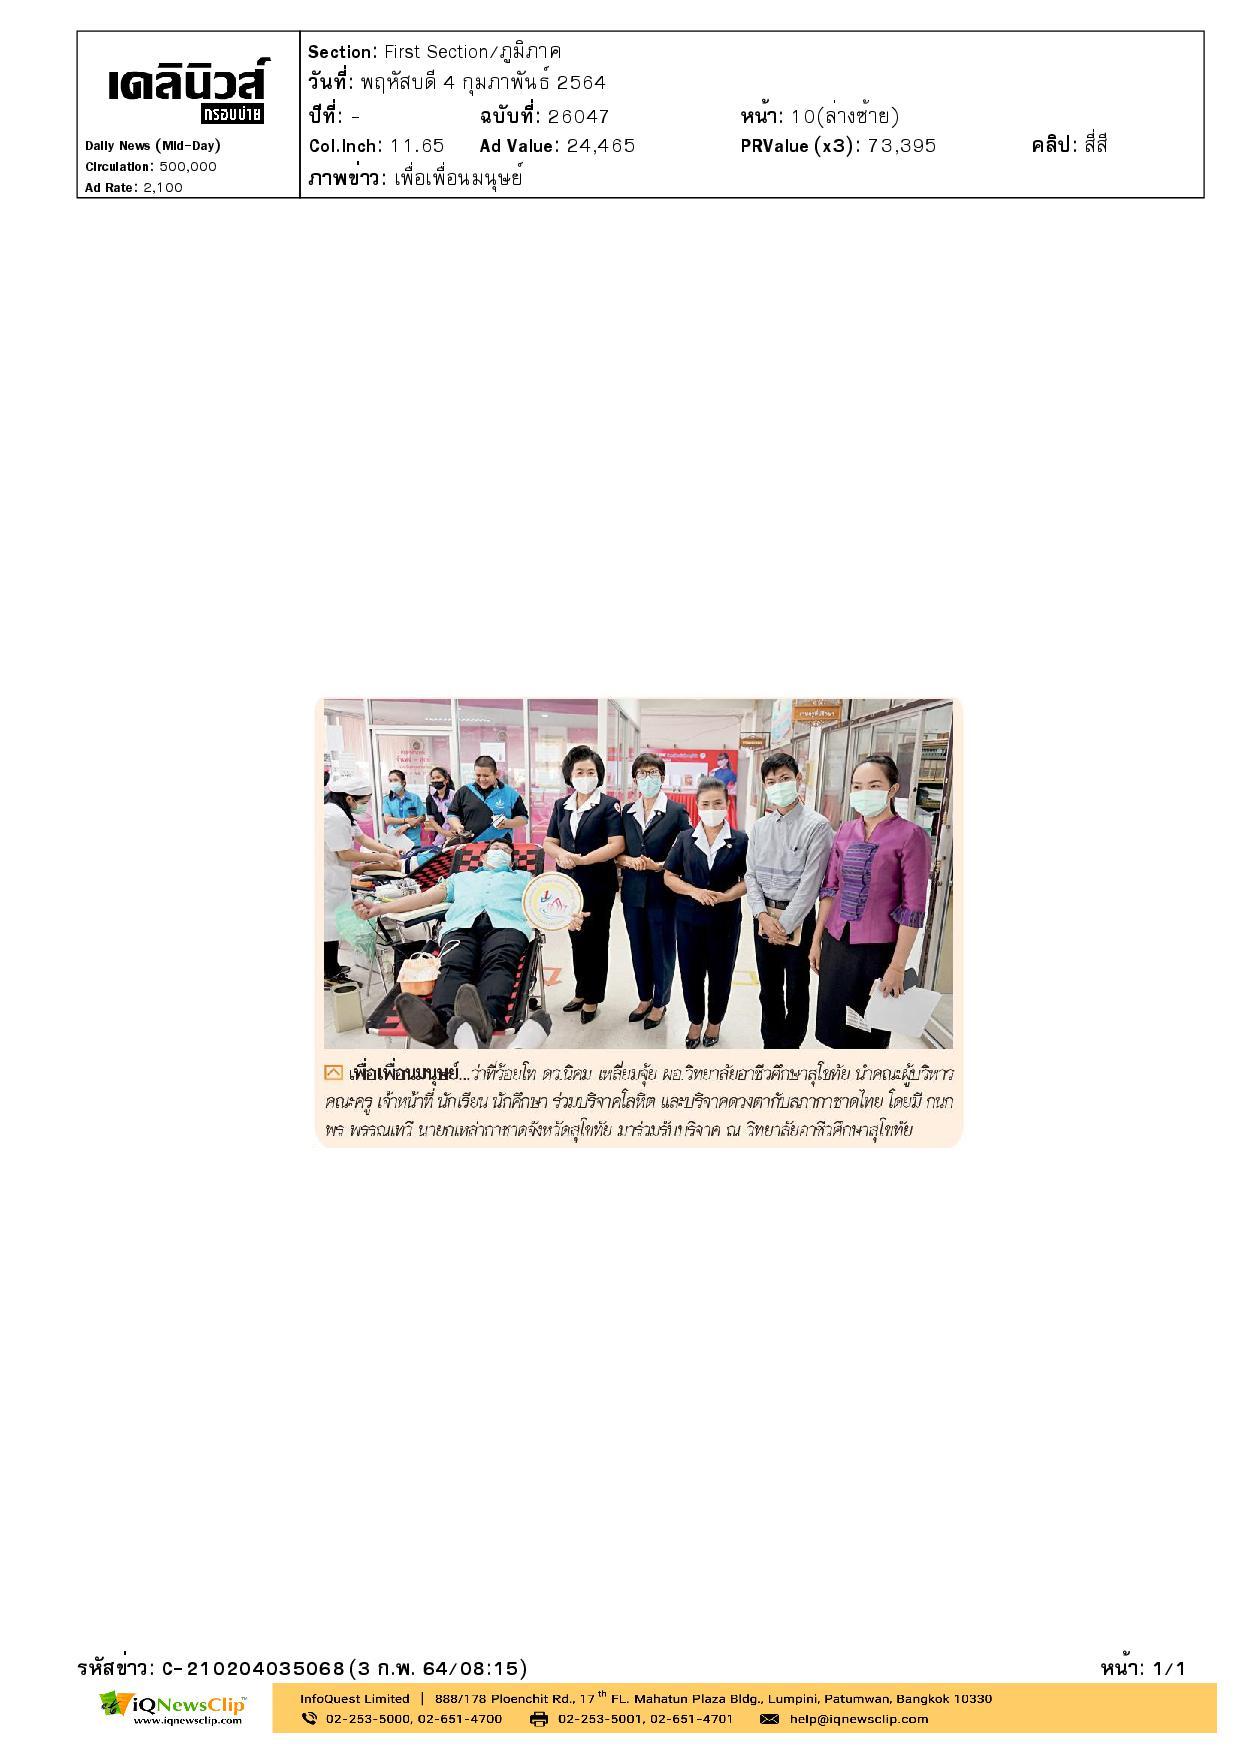 ร่วมบริจาคโลหิตและดวงตาให้กับสภากาชาดไทย